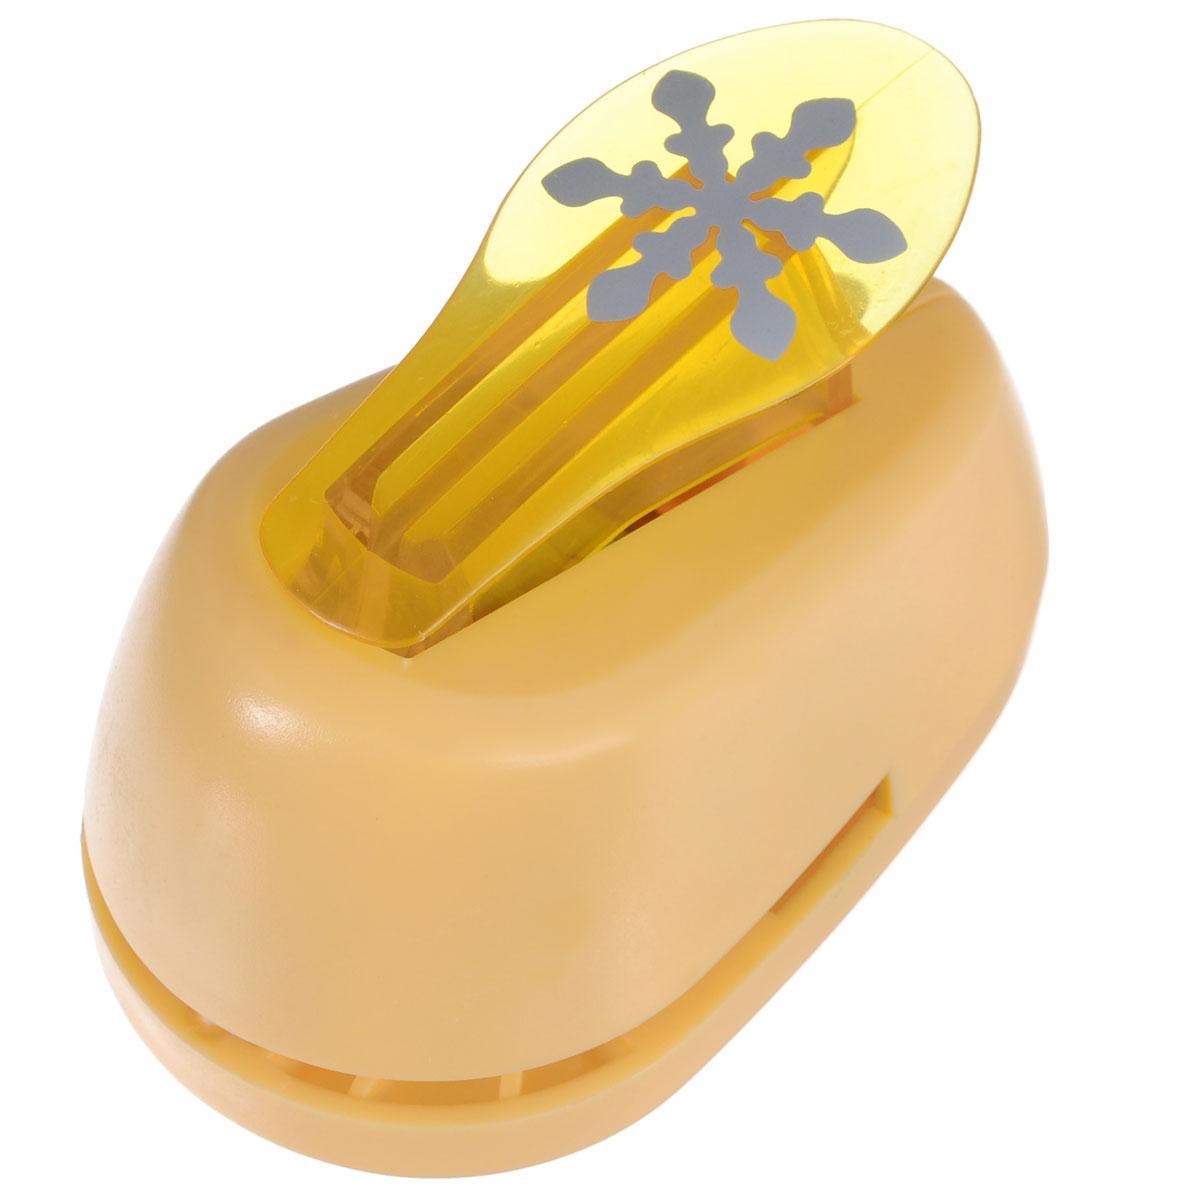 Дырокол фигурный Hobbyboom Снежинка, цвет: желтый, №203, 2,5 смCD-99M-203_желтыйДырокол фигурный Hobbyboom Снежинка, выполненный из прочного пластика и металла, используется в скрапбукинге для украшения открыток, карточек, коробочек и прочего. Применяется для прорезания фигурных отверстий в бумаге в форме снежинки. Вырезанный элемент также можно использовать для украшения. Предназначен для бумаги плотностью от 80 до 200 г/м2. При применении на бумаге большей плотности или на картоне, дырокол быстро затупится. Чтобы заточить нож компостера, нужно прокомпостировать самую тонкую наждачку. Диаметр готовой фигурки: 2,5 см.